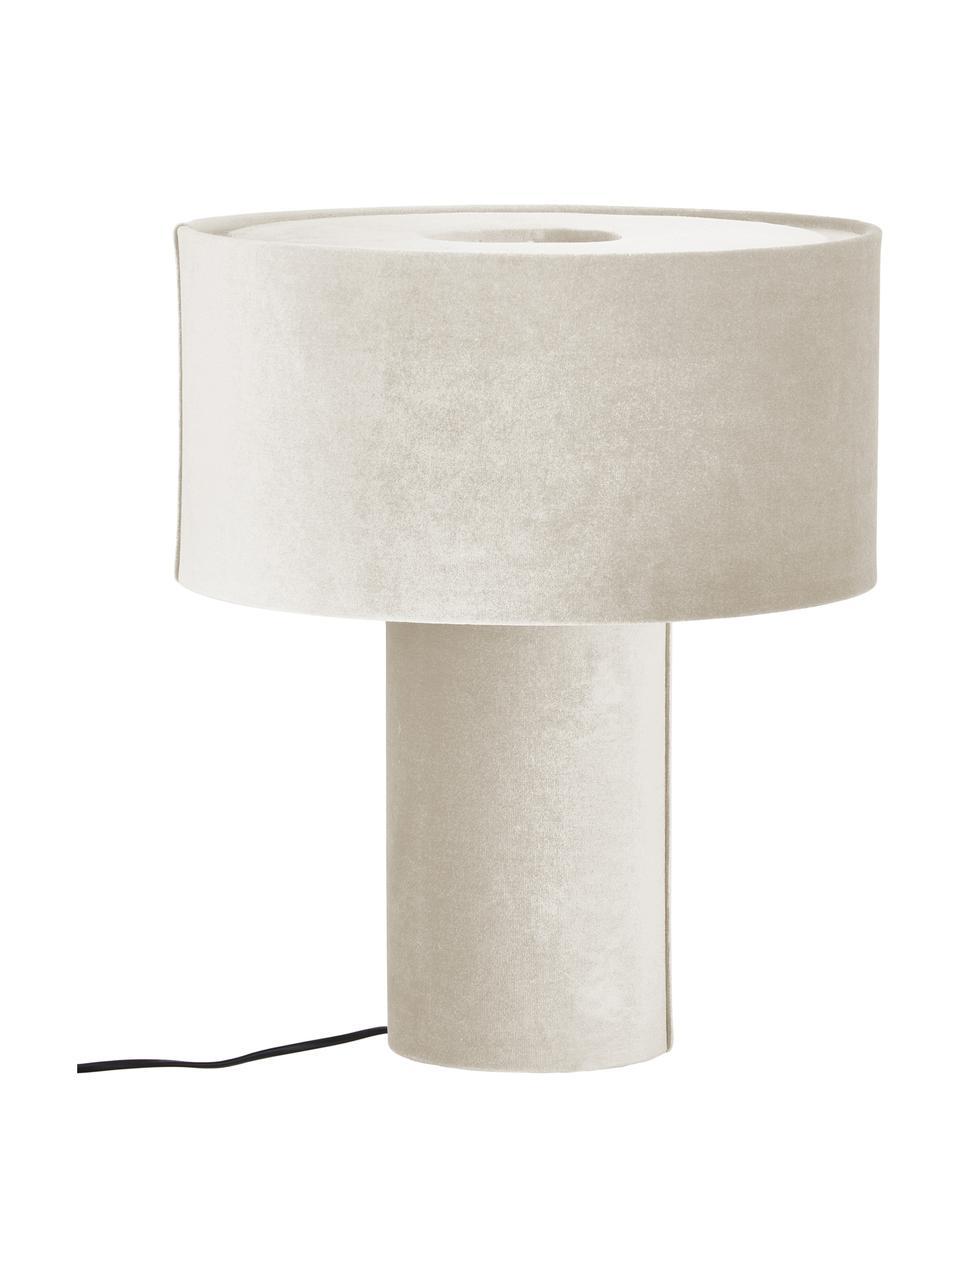 Fluwelen tafellamp Frida in beige, Lampvoet: kunststof met fluwelen be, Lampenkap: fluweel, Diffuser: fluweel, Beige, Ø 30 x H 36 cm